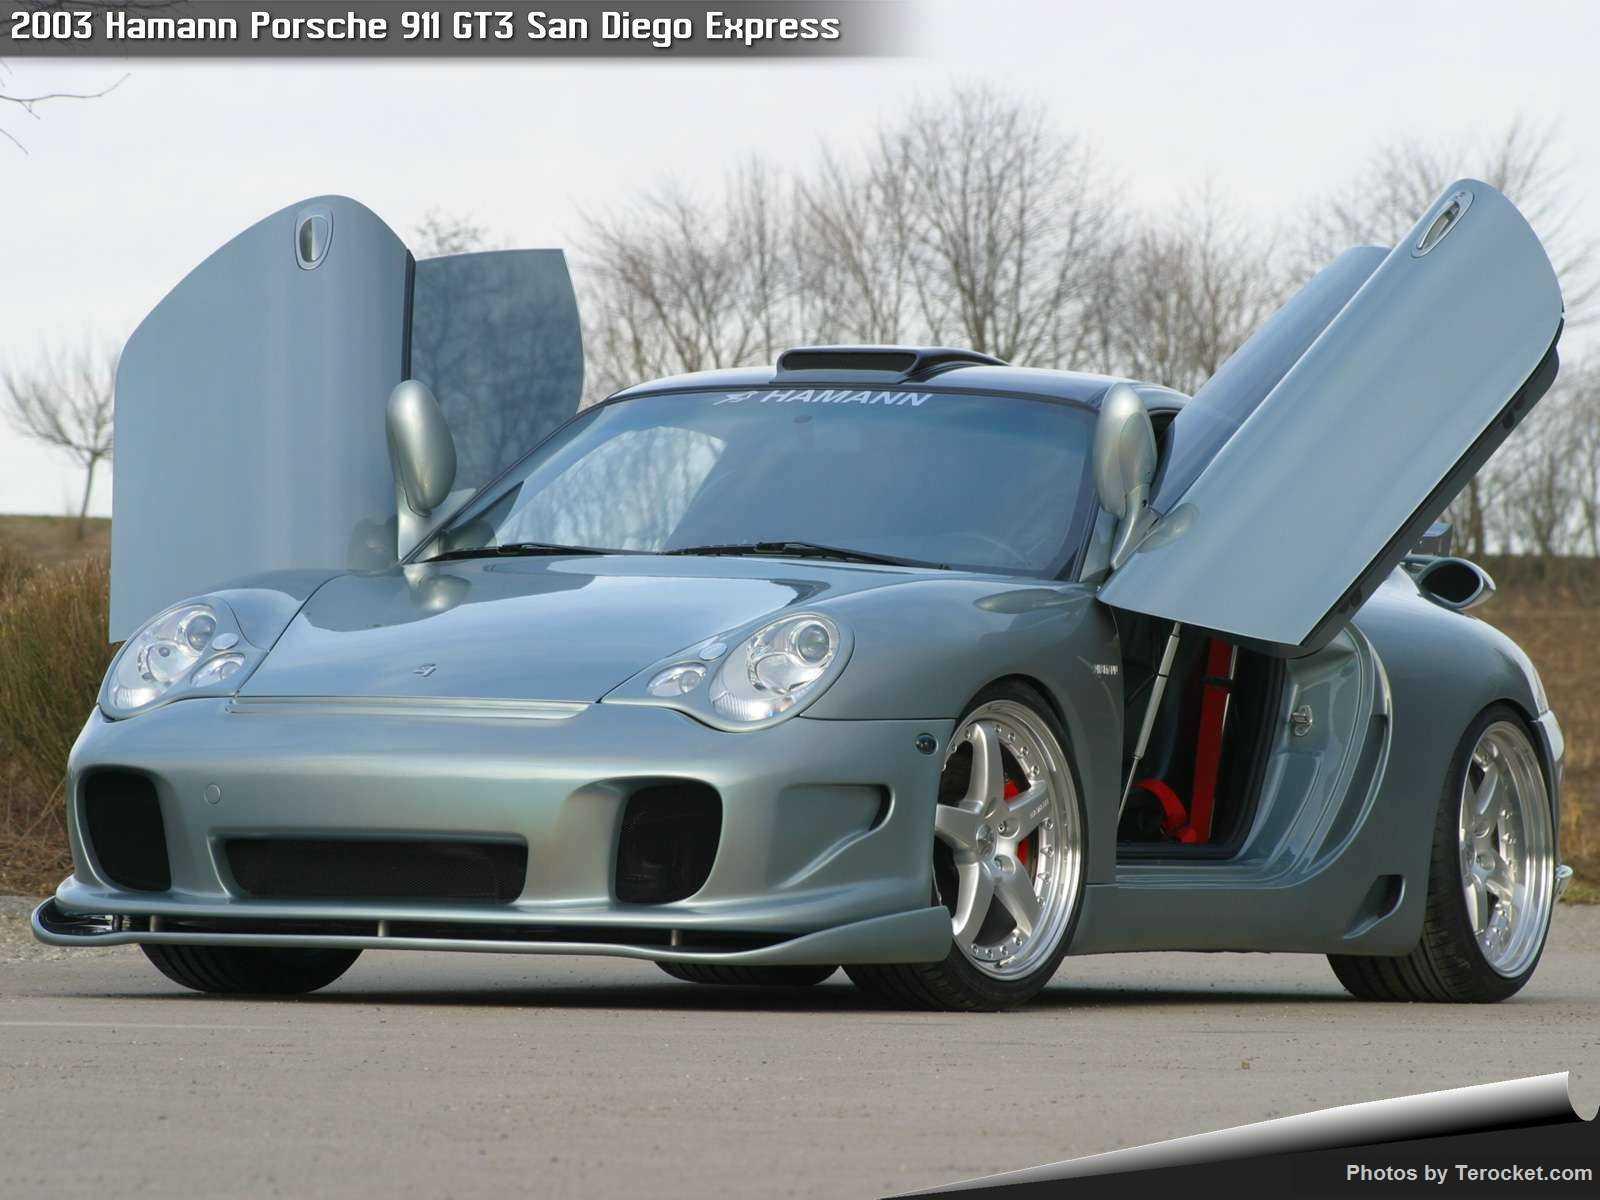 Hình ảnh xe ô tô Hamann Porsche 911 GT3 San Diego Express 2003 & nội ngoại thất